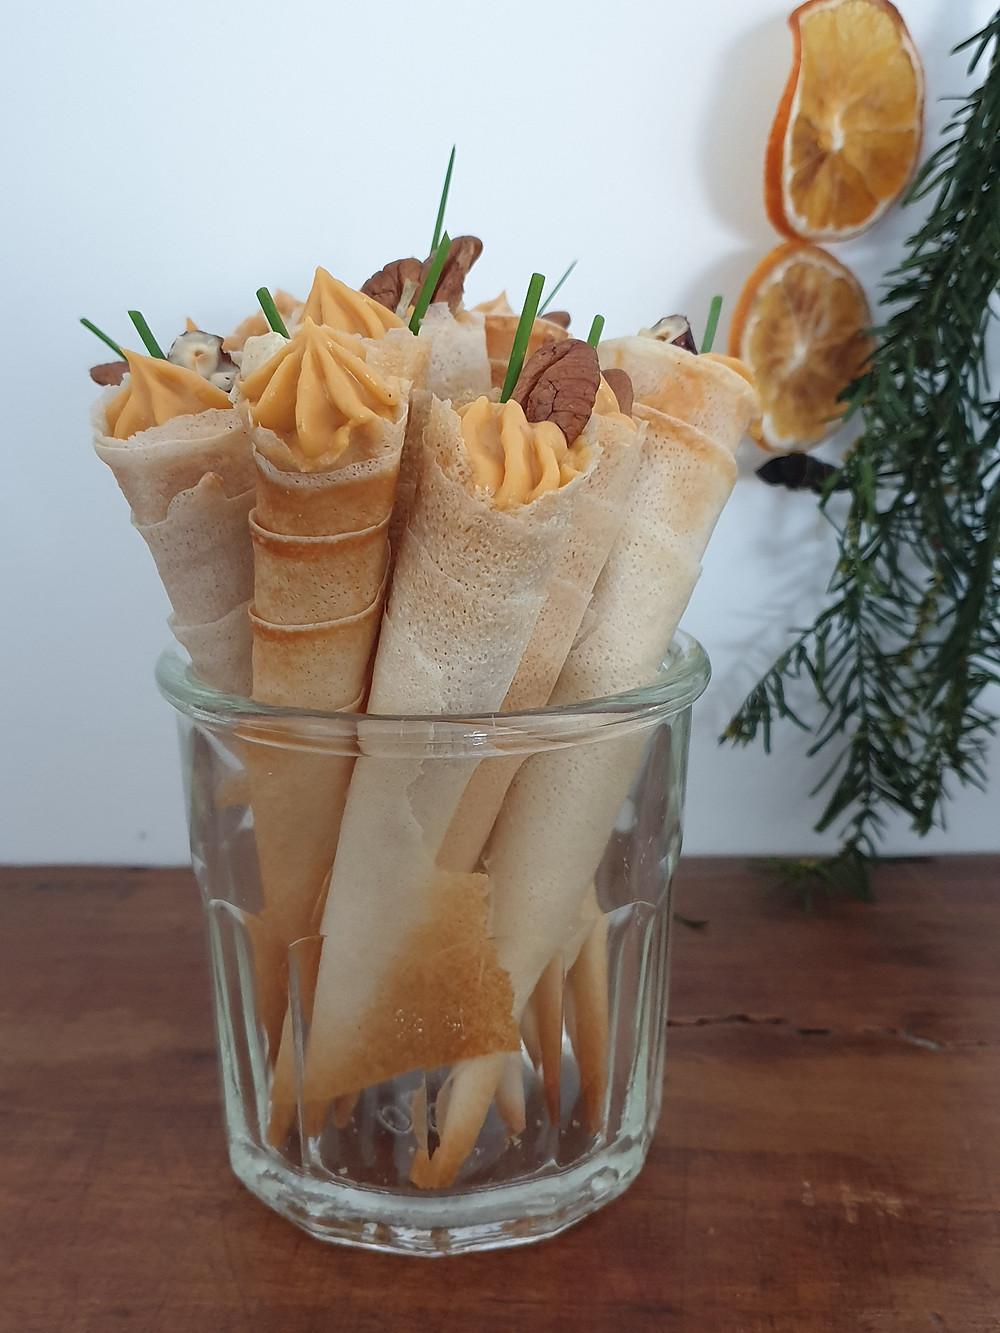 Cornets aux anchois, patate douce & éclat de noisettes